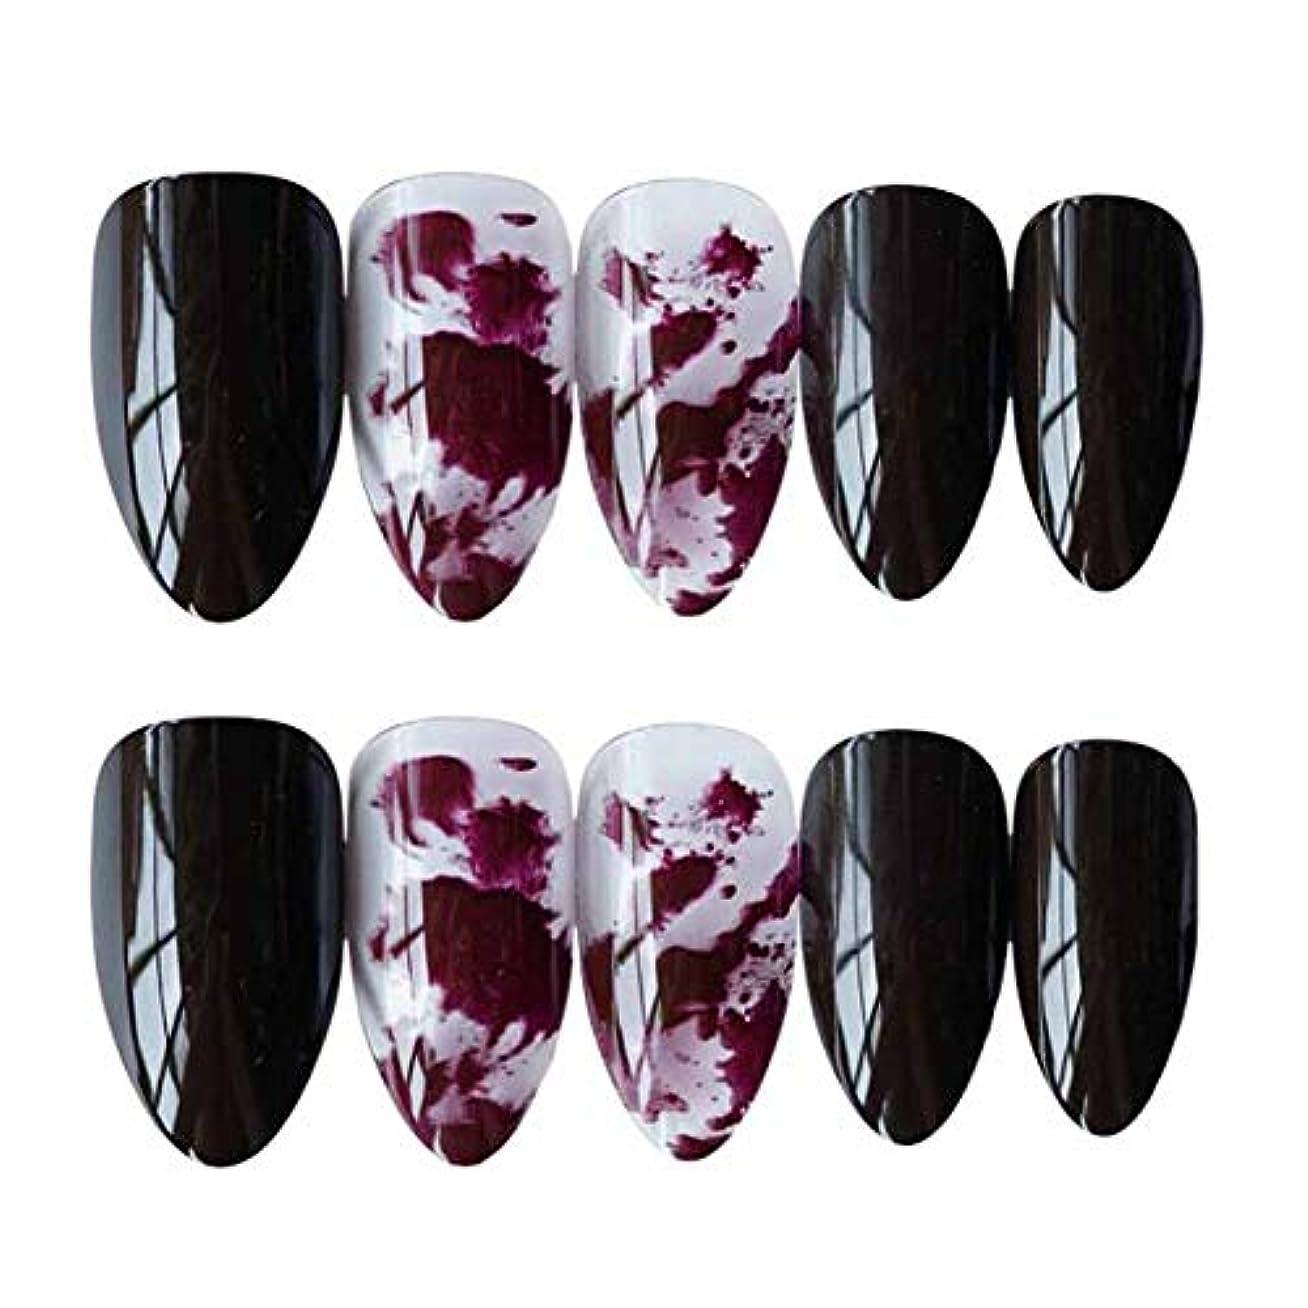 移住する団結する有彩色のスプラッシュインクダークレッド/ブラック 鋭い偽爪人工偽爪のヒント